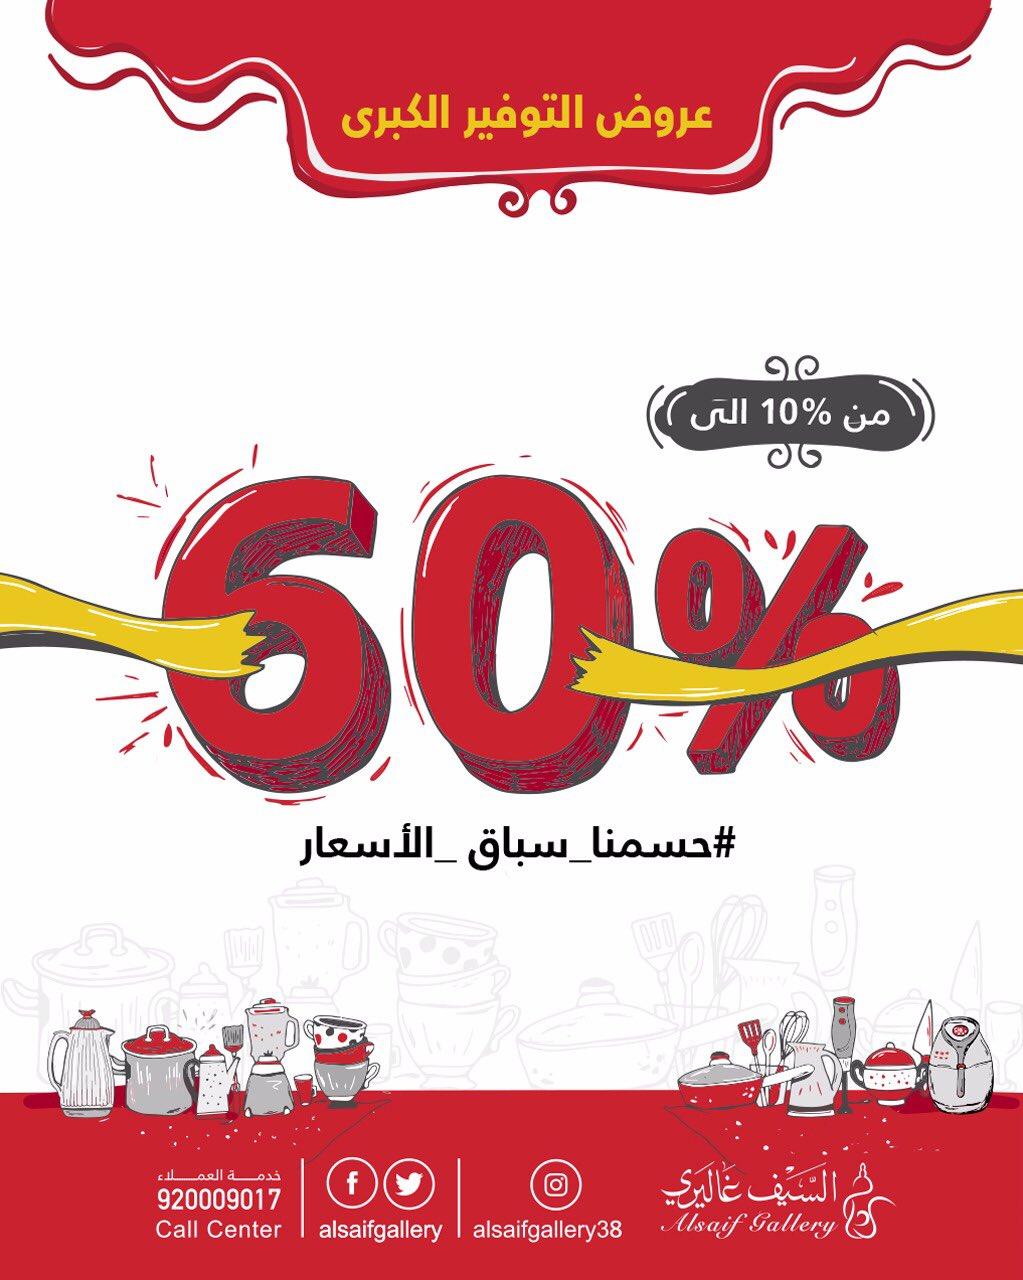 عروض السيف غاليري @alsaifgallery تخفيضات تصل لـ 60% على الأجهزة الكهربائية والأواني المنزلية